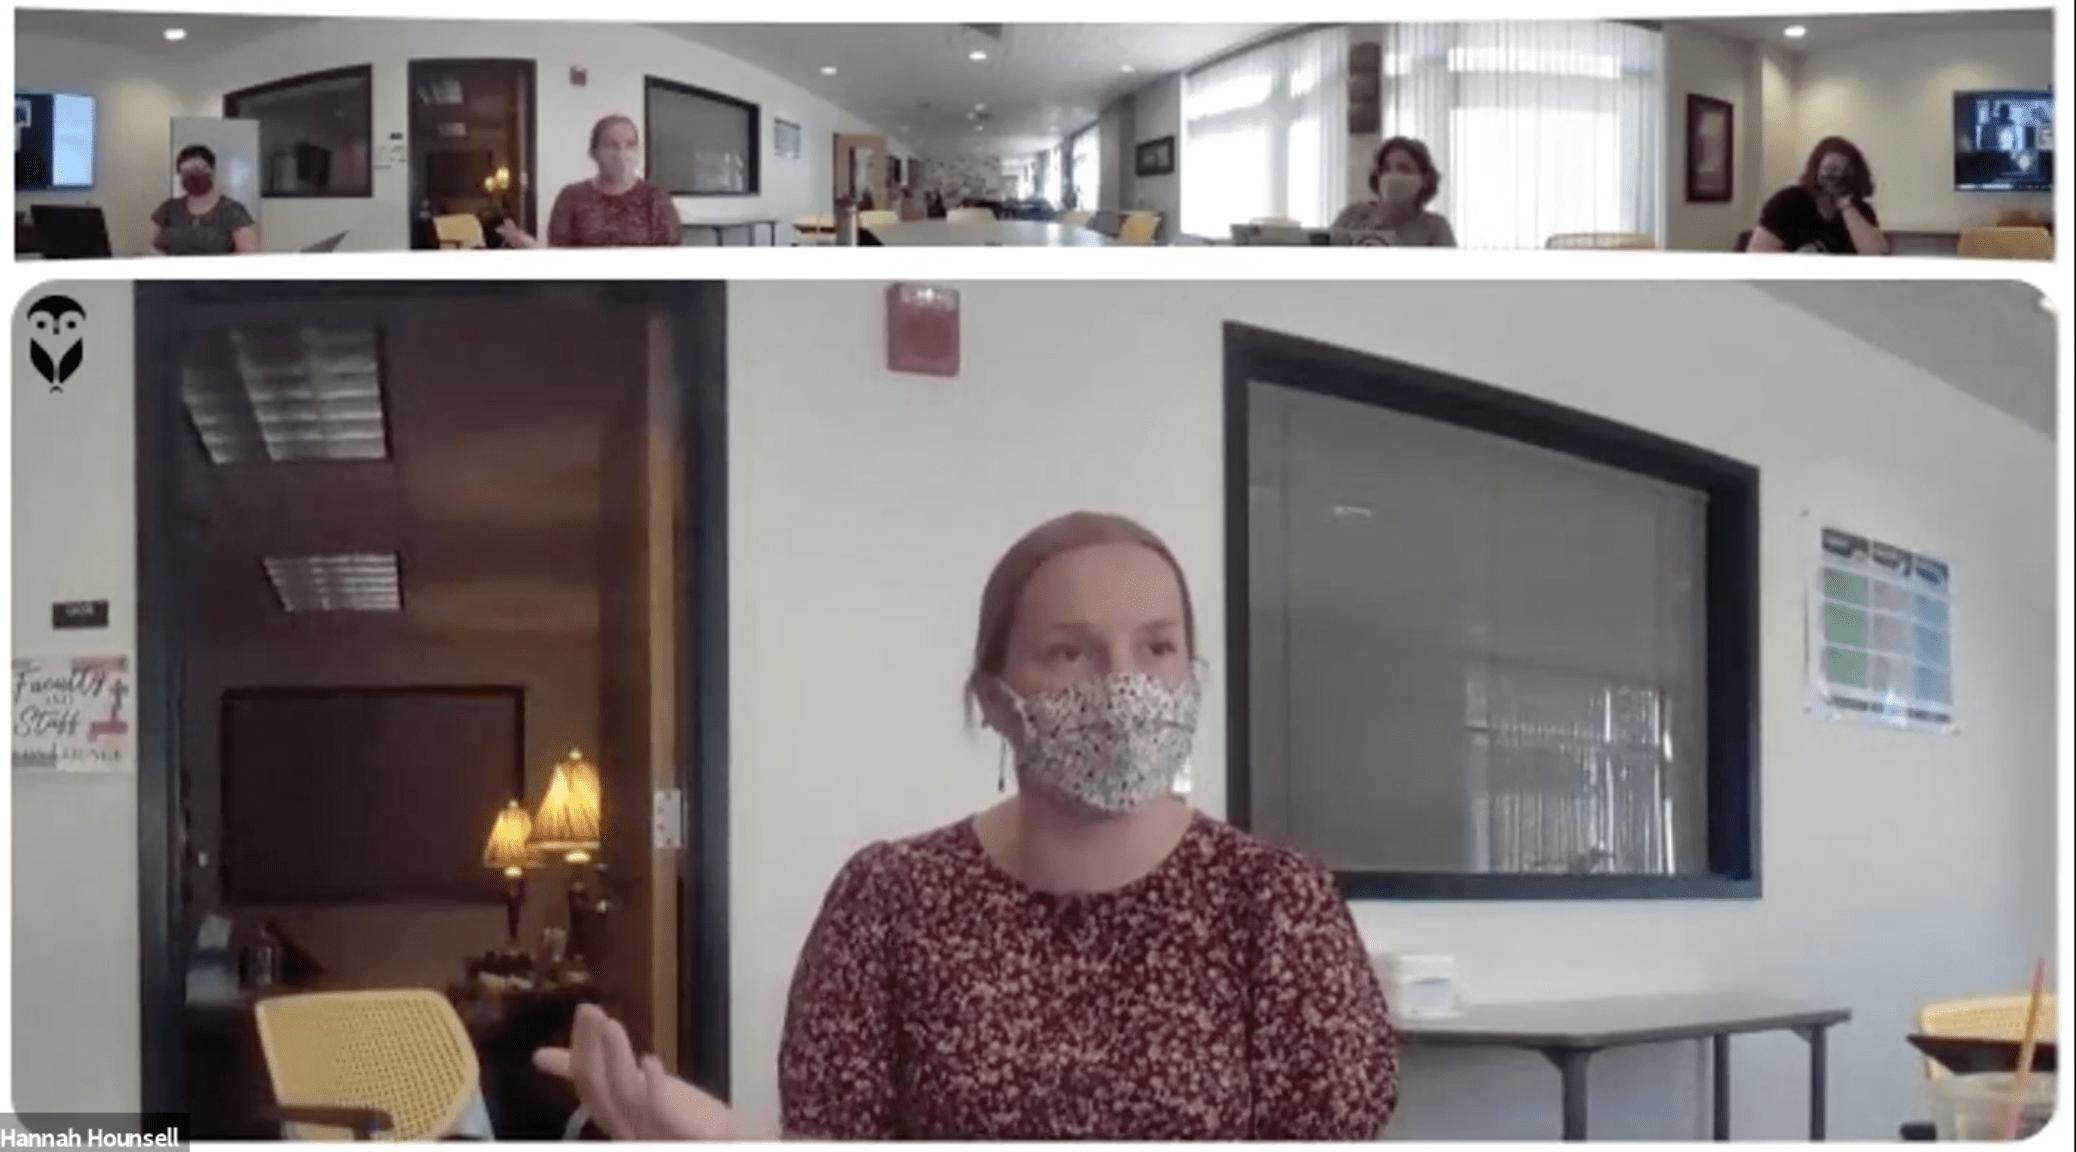 Blond woman in mask talking